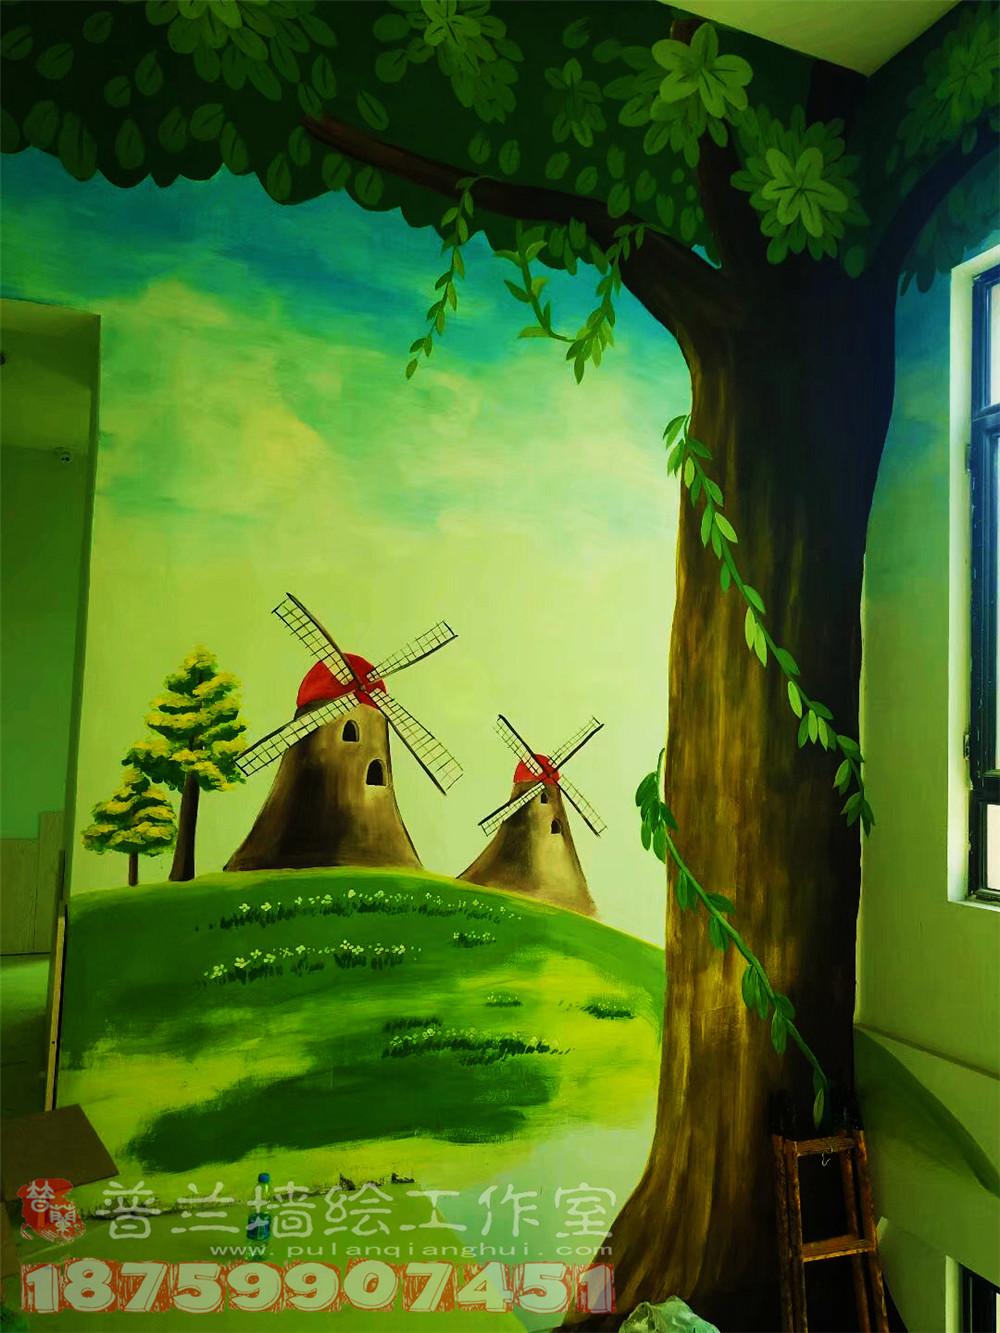 幼儿园教室外墙海洋主题图片大全